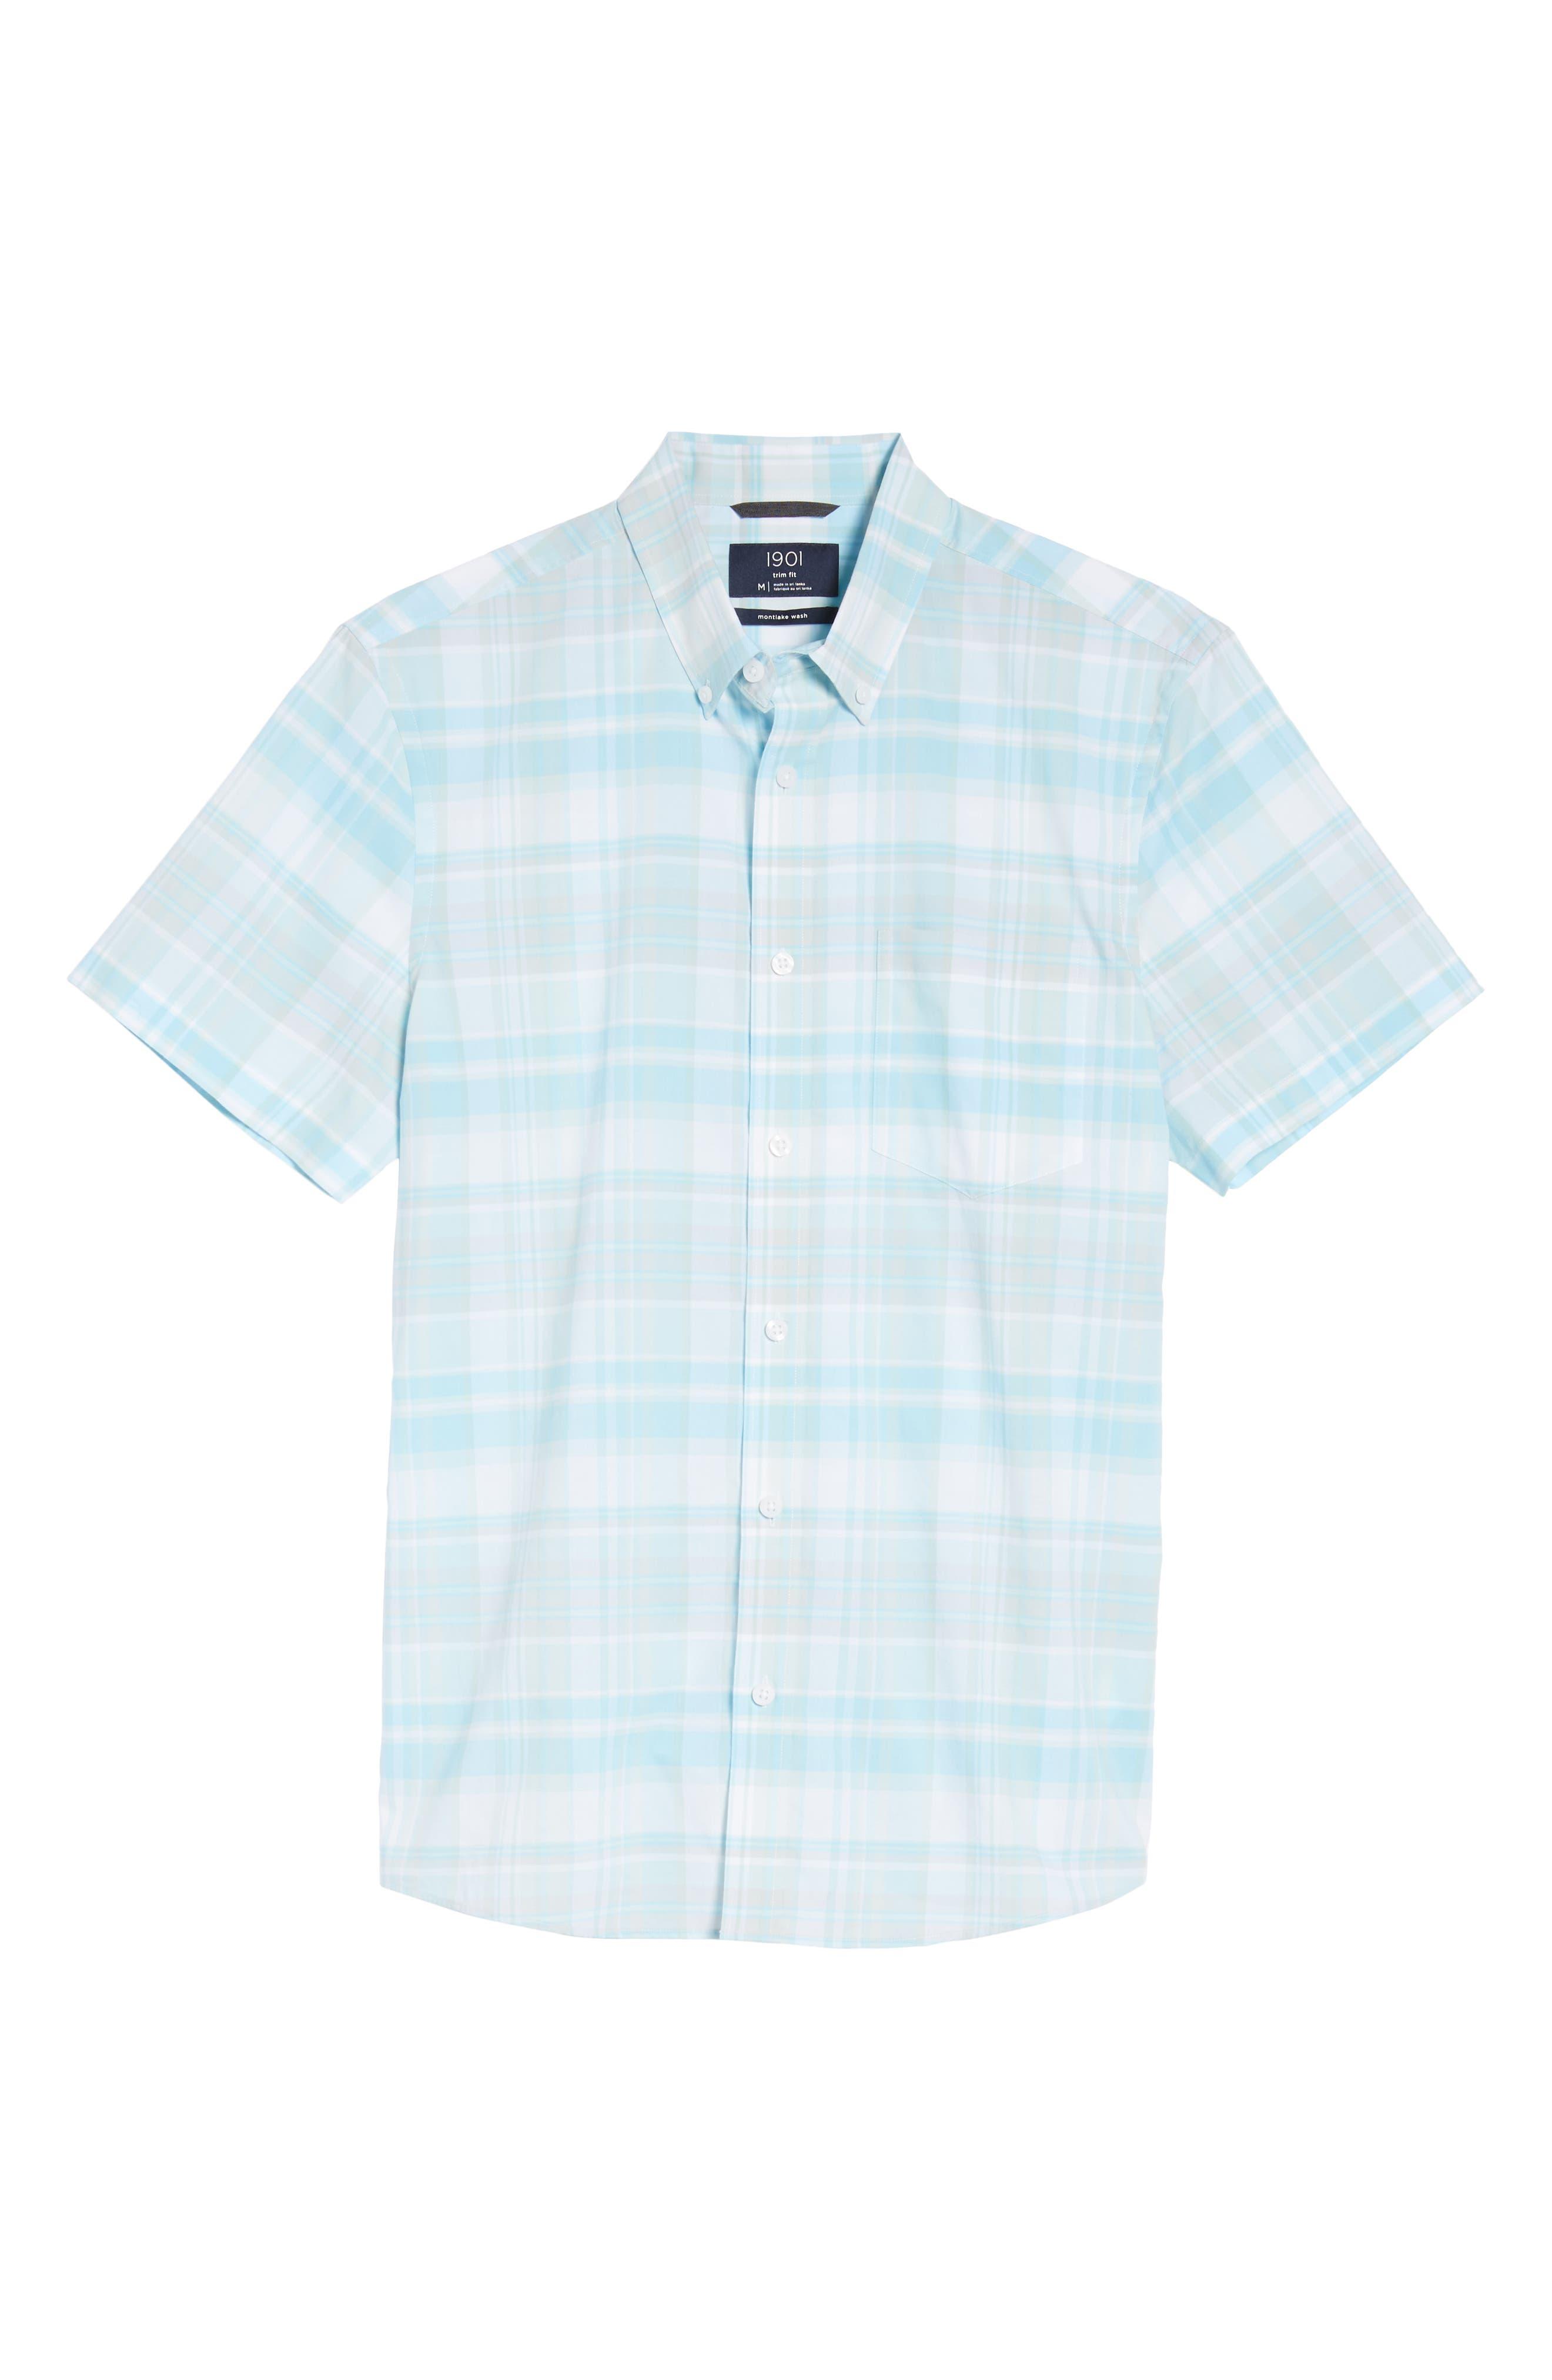 Trim Fit Plaid Sport Shirt,                             Alternate thumbnail 6, color,                             Blue Orydalis Teal Plaid